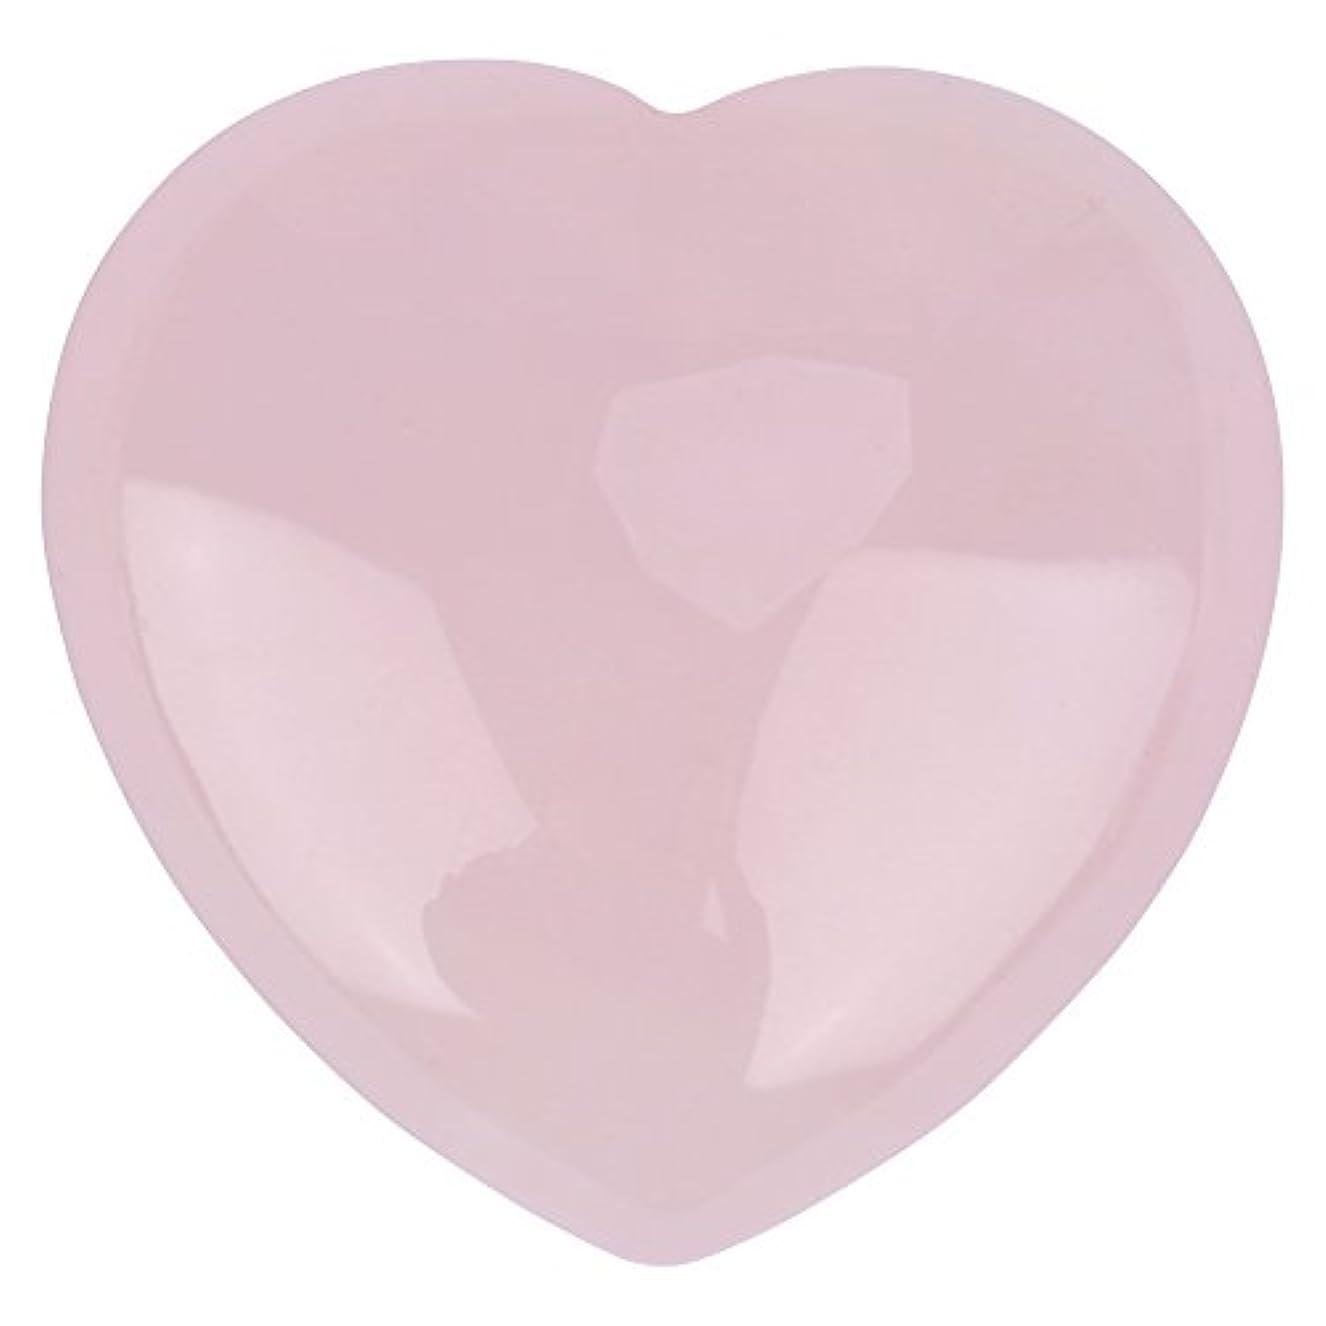 教授フォルダまっすぐにする天然ハートシェイプローズクォーツストーン、装飾ピンククリスタルヒーリングストーン宝石ホームデコレーション